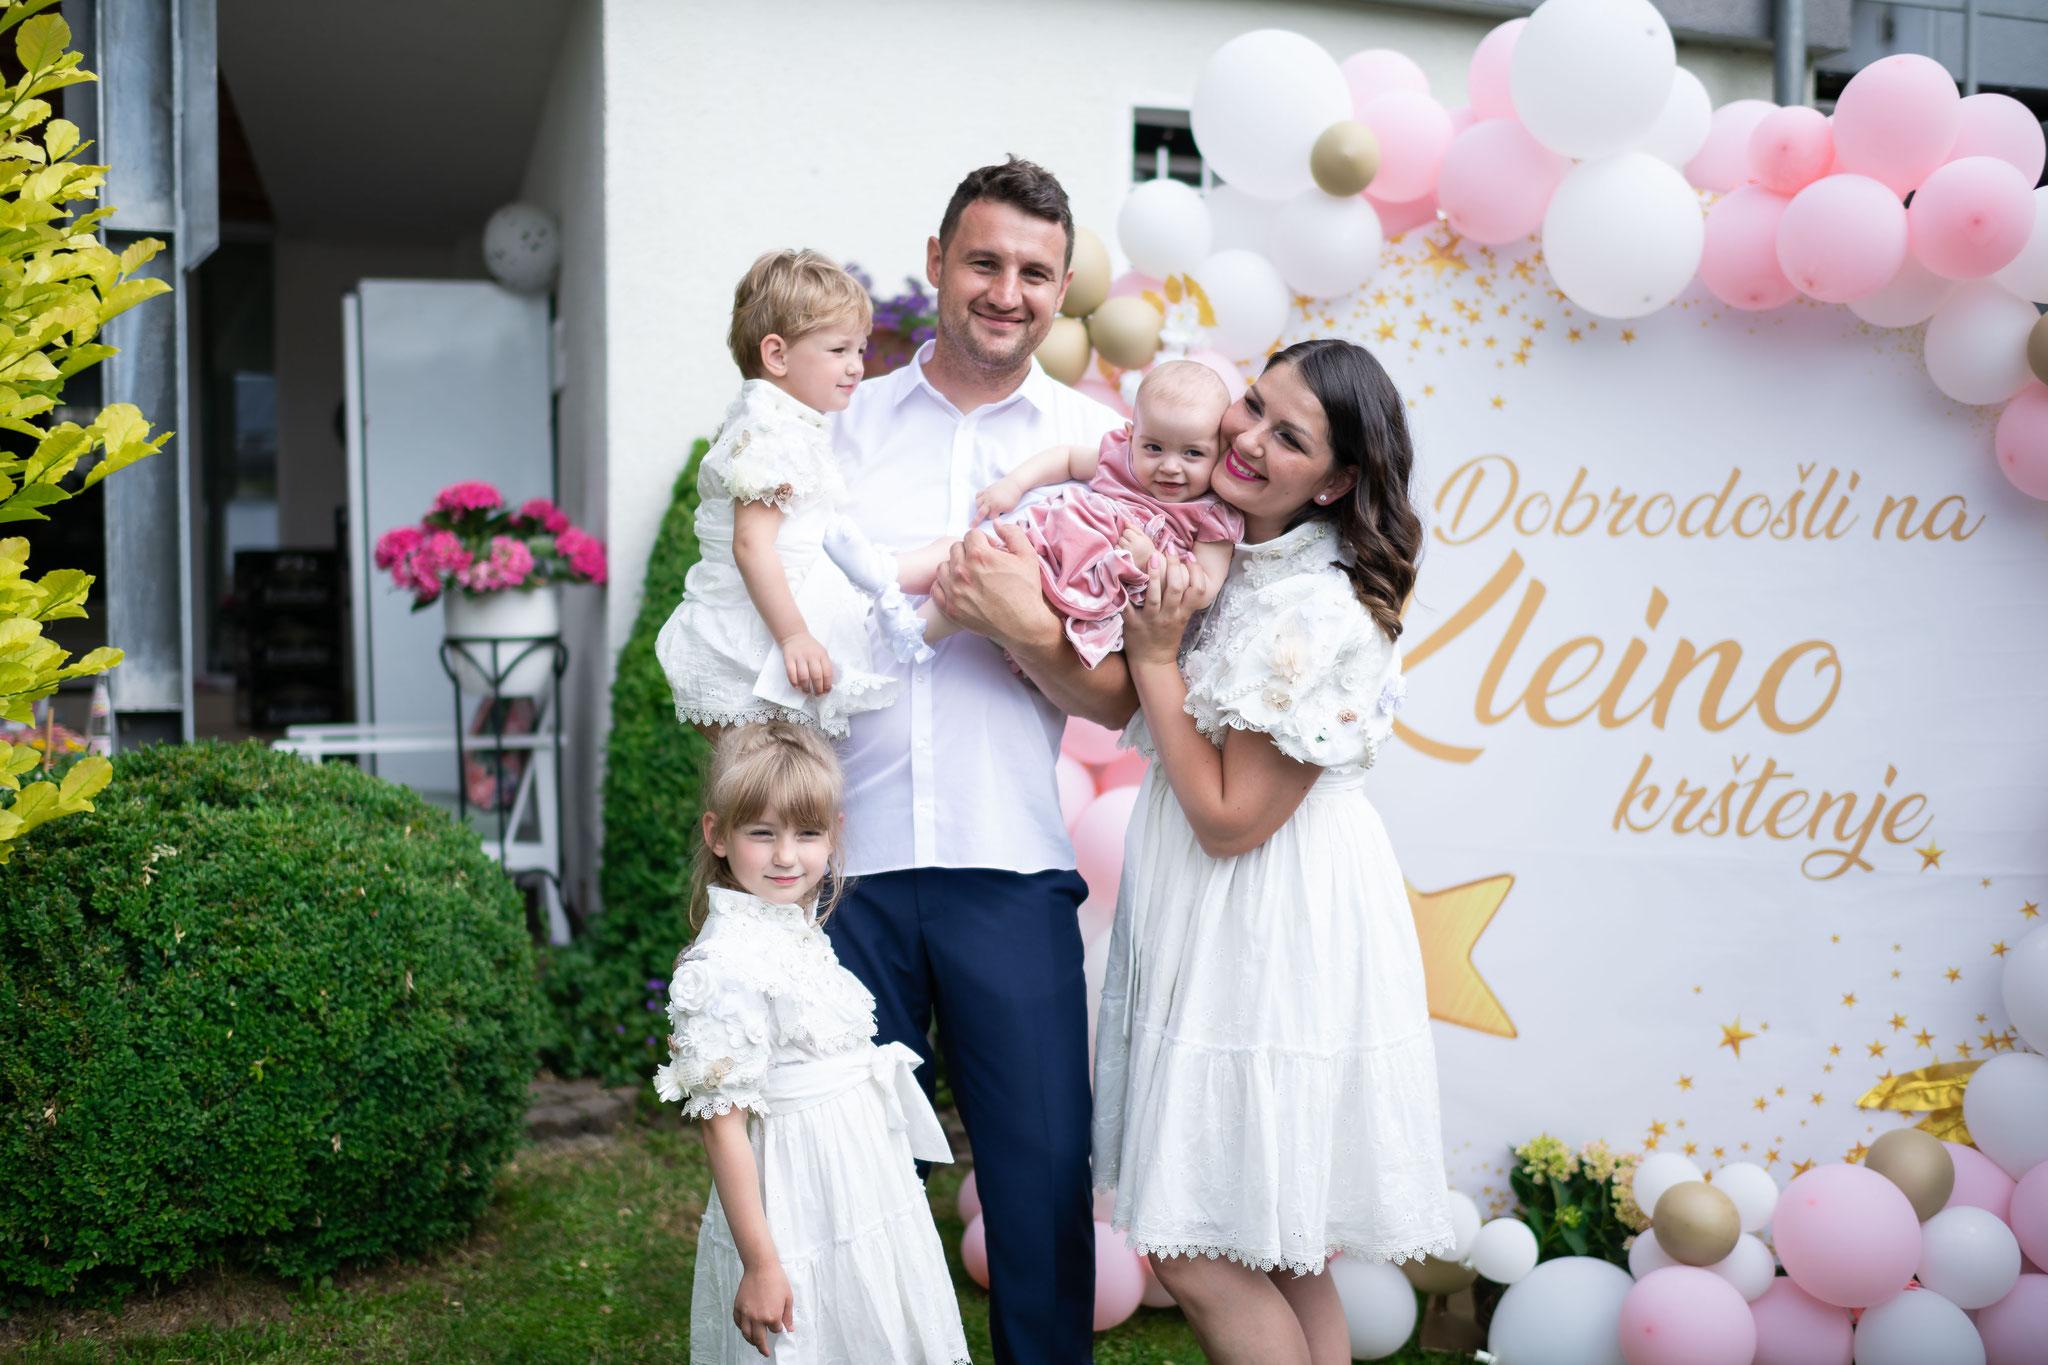 Familienaufnahmen als Foto und Videoaufnahmen während der Taufe und der anschließender Feier